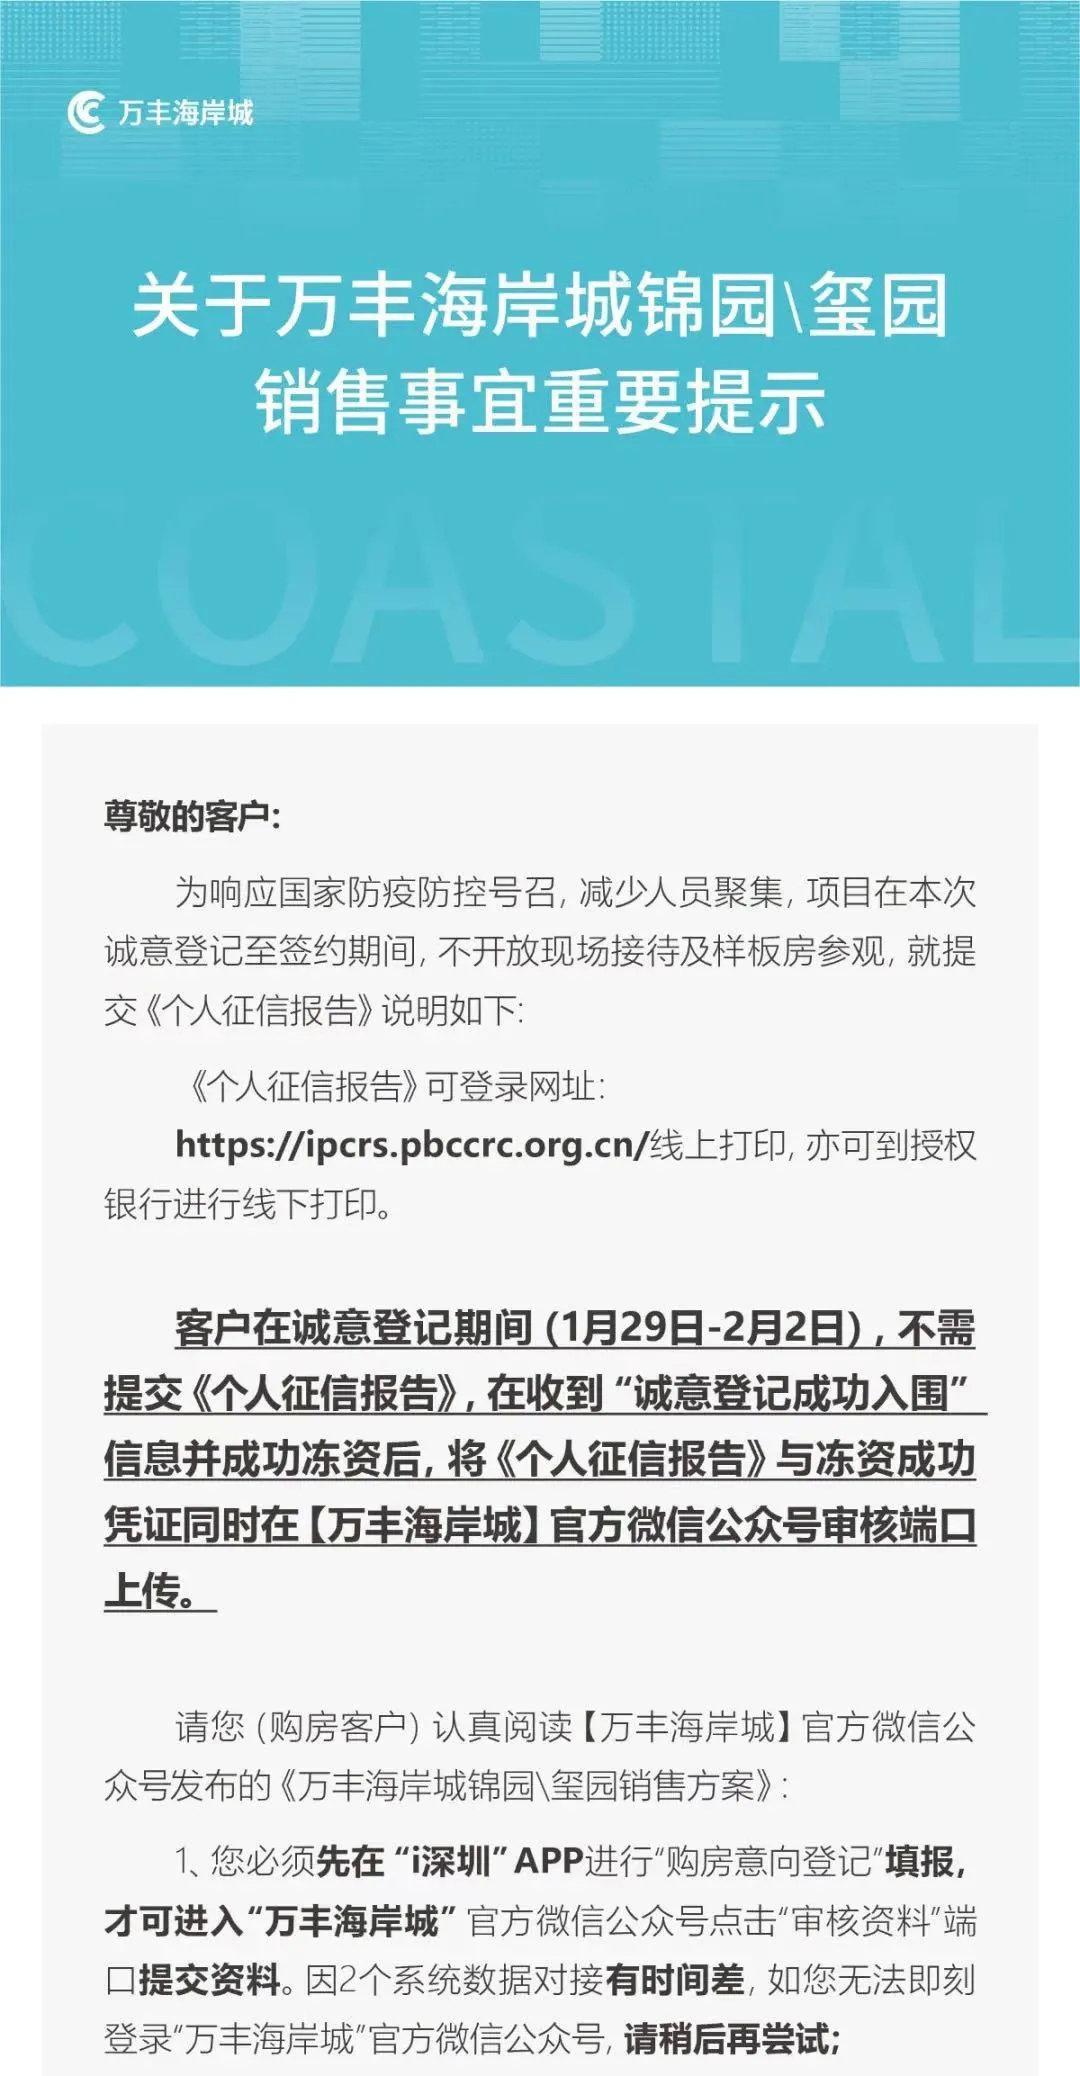 深圳的六家银行一起开业,却先被砸了,撞上了新的排队征信大军!网友:这不是买房。这是高考